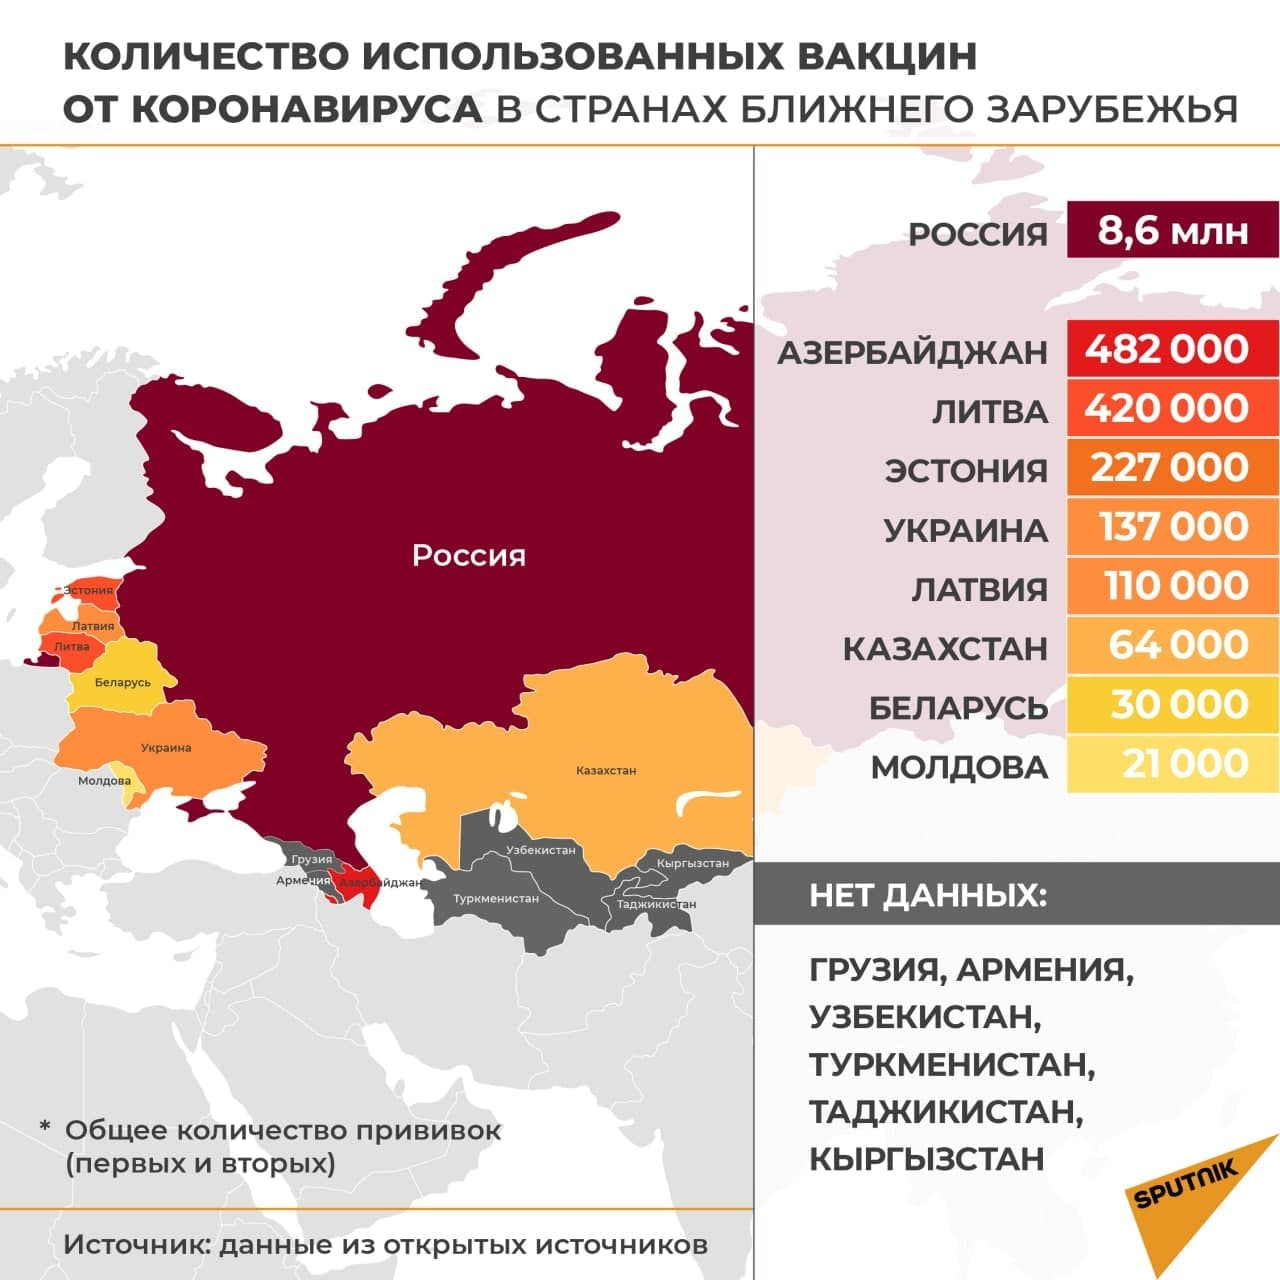 Как проходит вакцинация в странах бывшего СССР